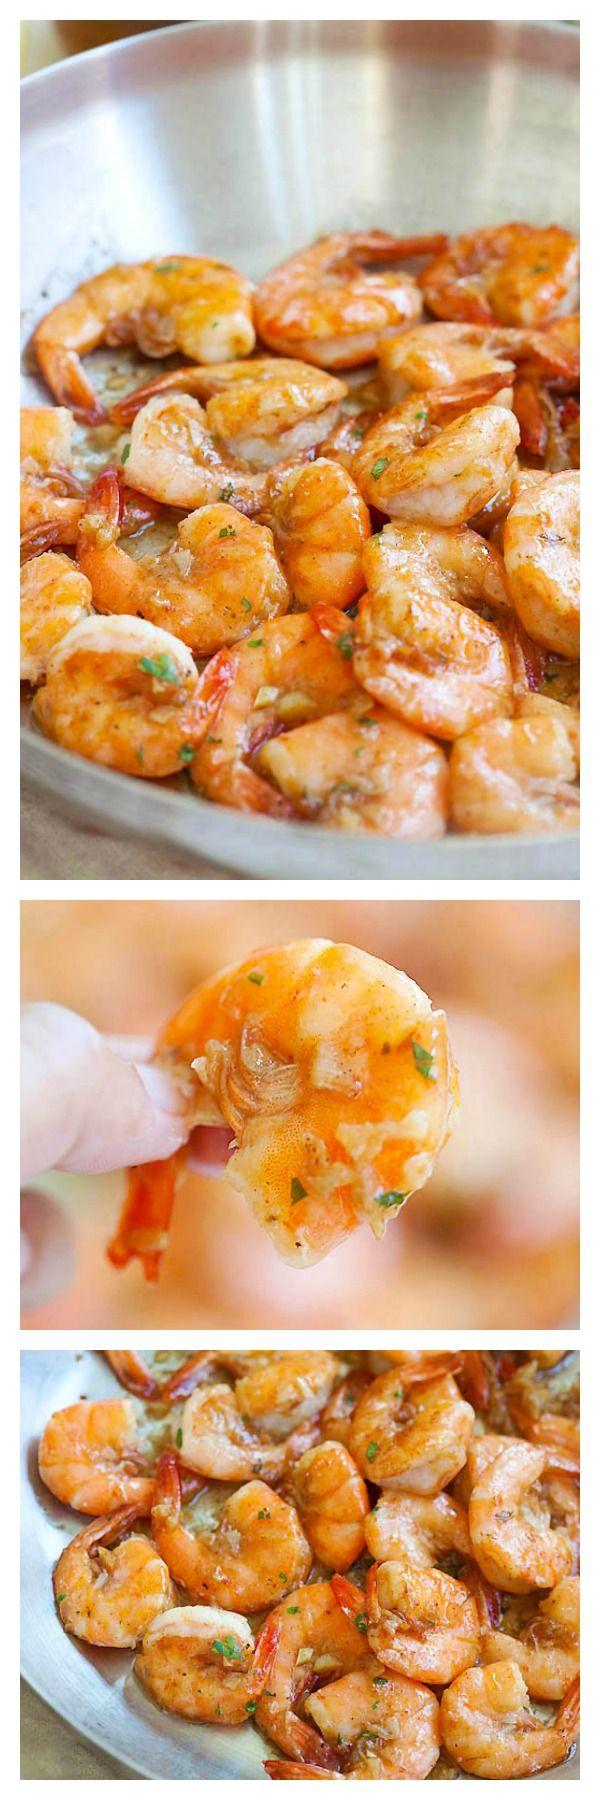 Take mom to Hawaii virtually - Hawaiian shrimp scampi (garlic butter shrimp) made famous by Giovanni's shrimp truck. | rasamalaysia.com